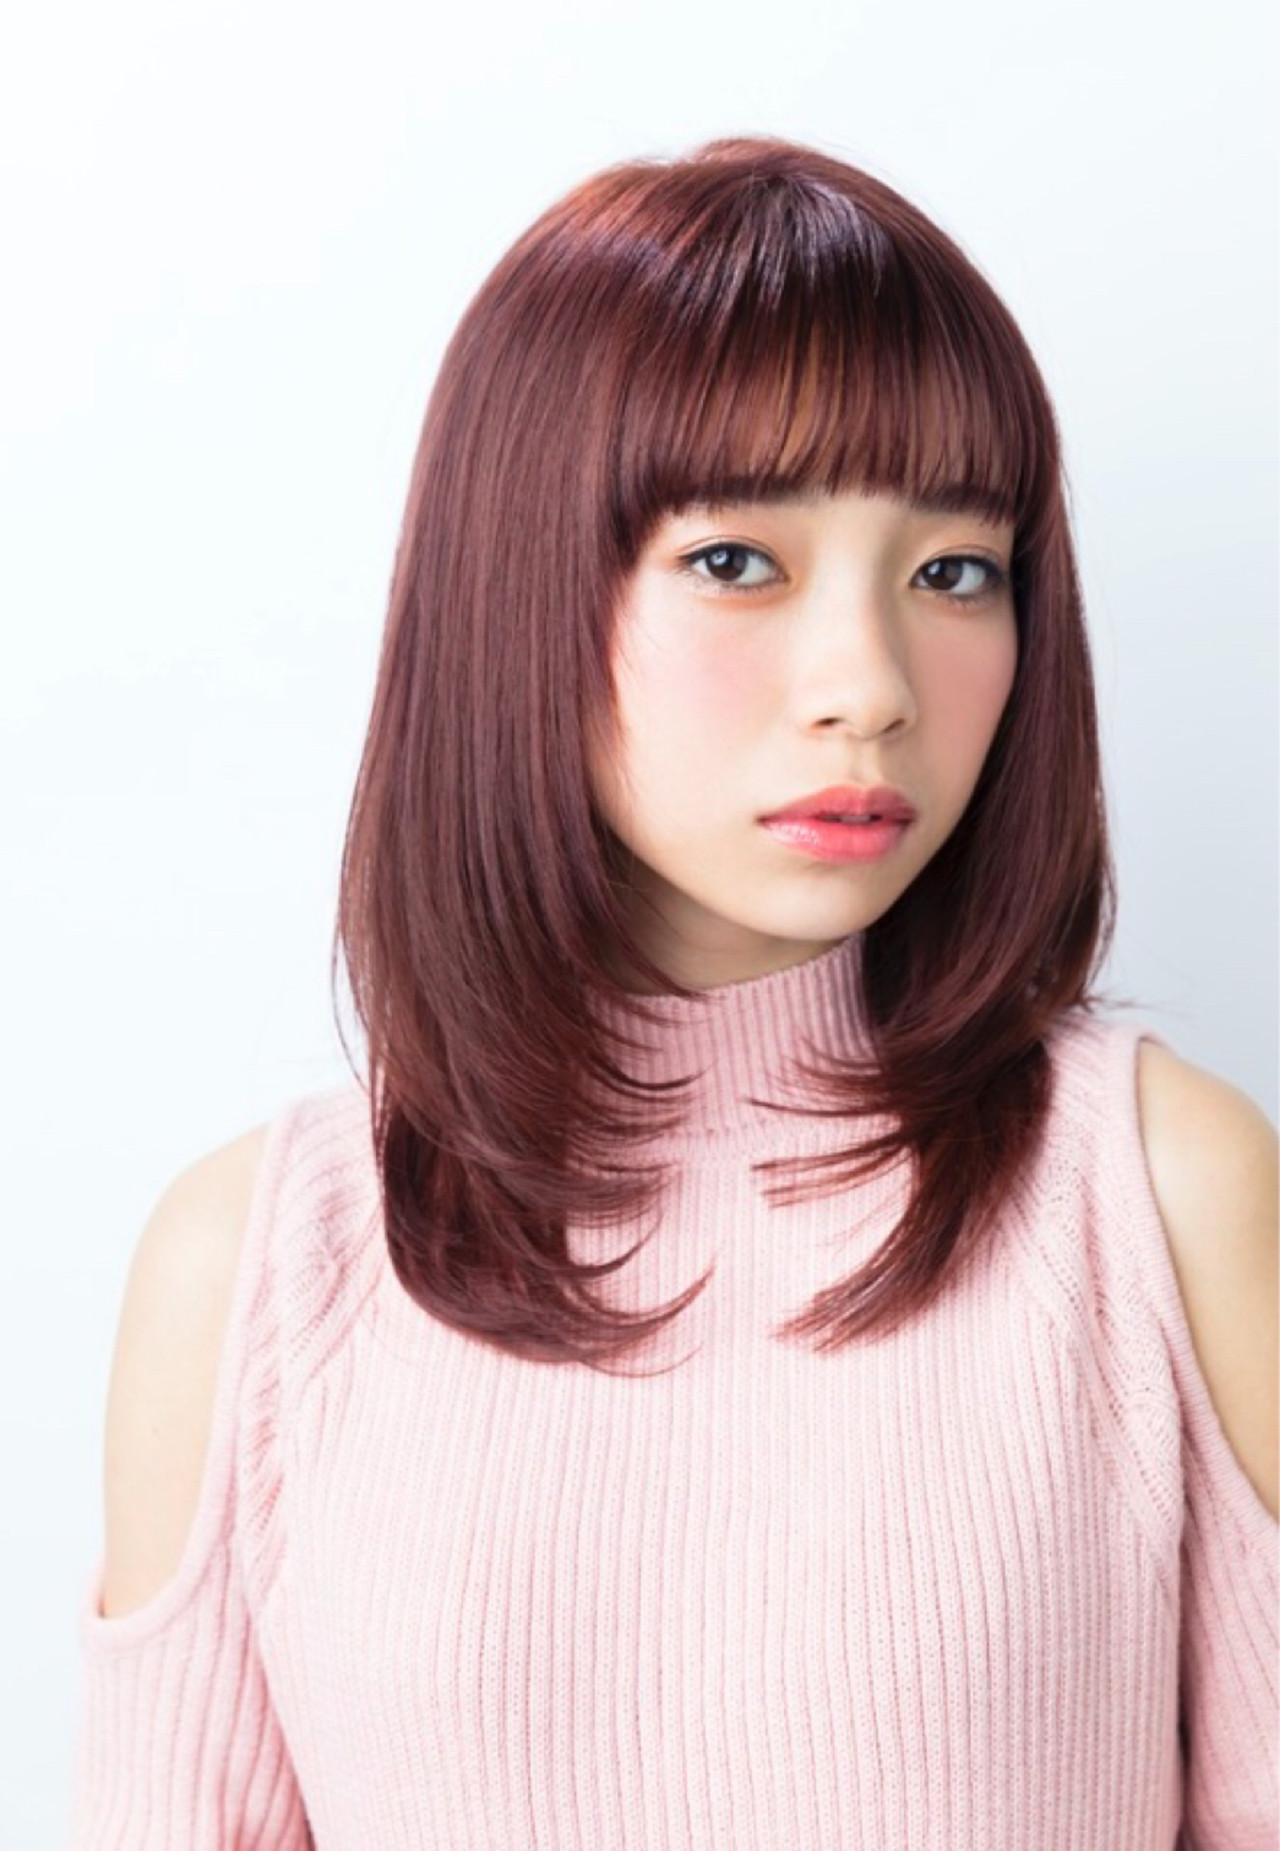 春 フェミニン 内巻き ピンク ヘアスタイルや髪型の写真・画像